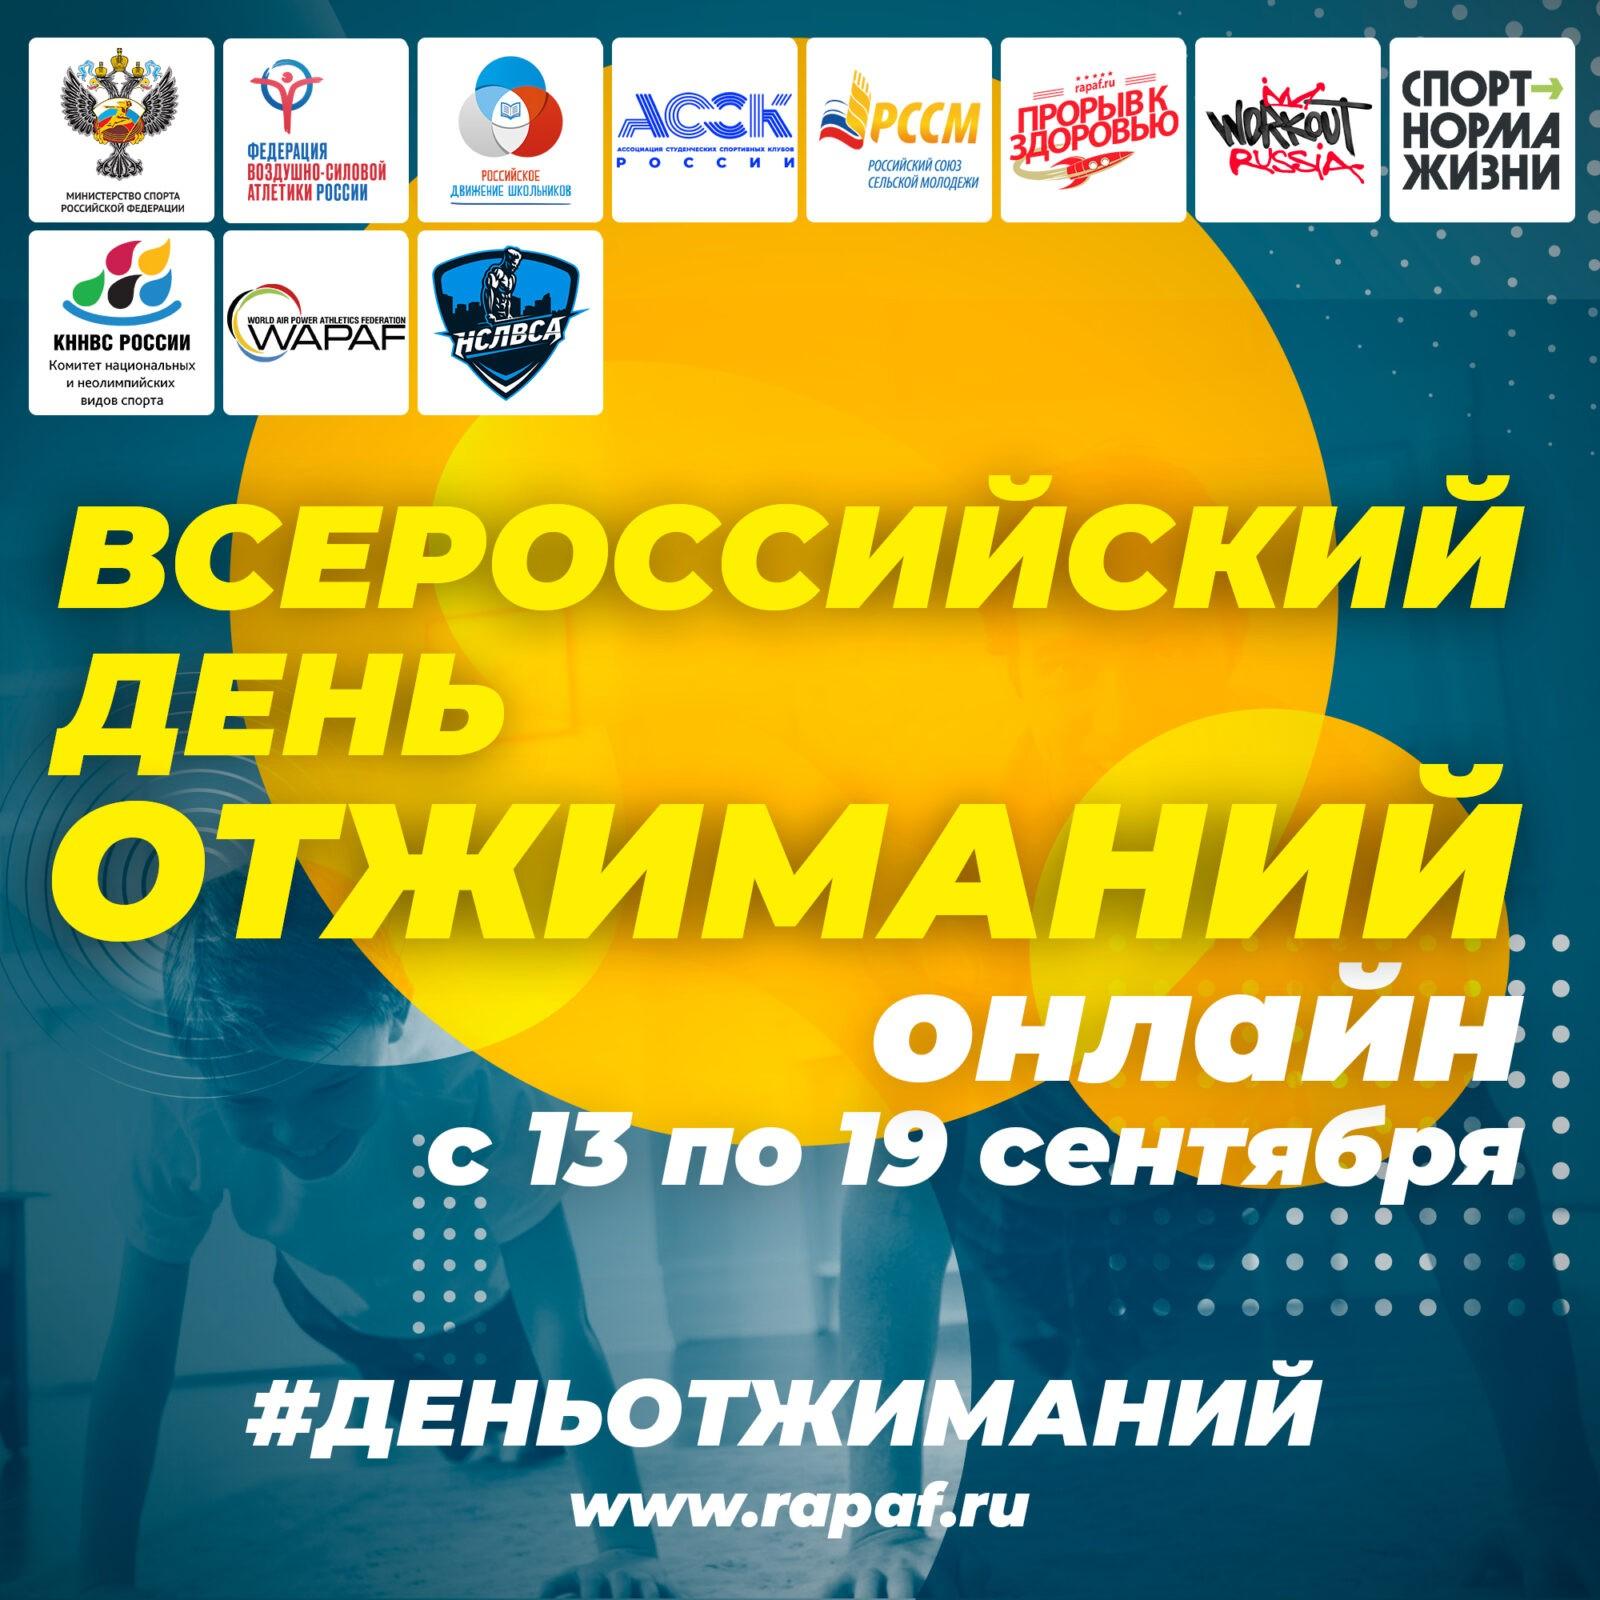 Всероссийский день отжиманий